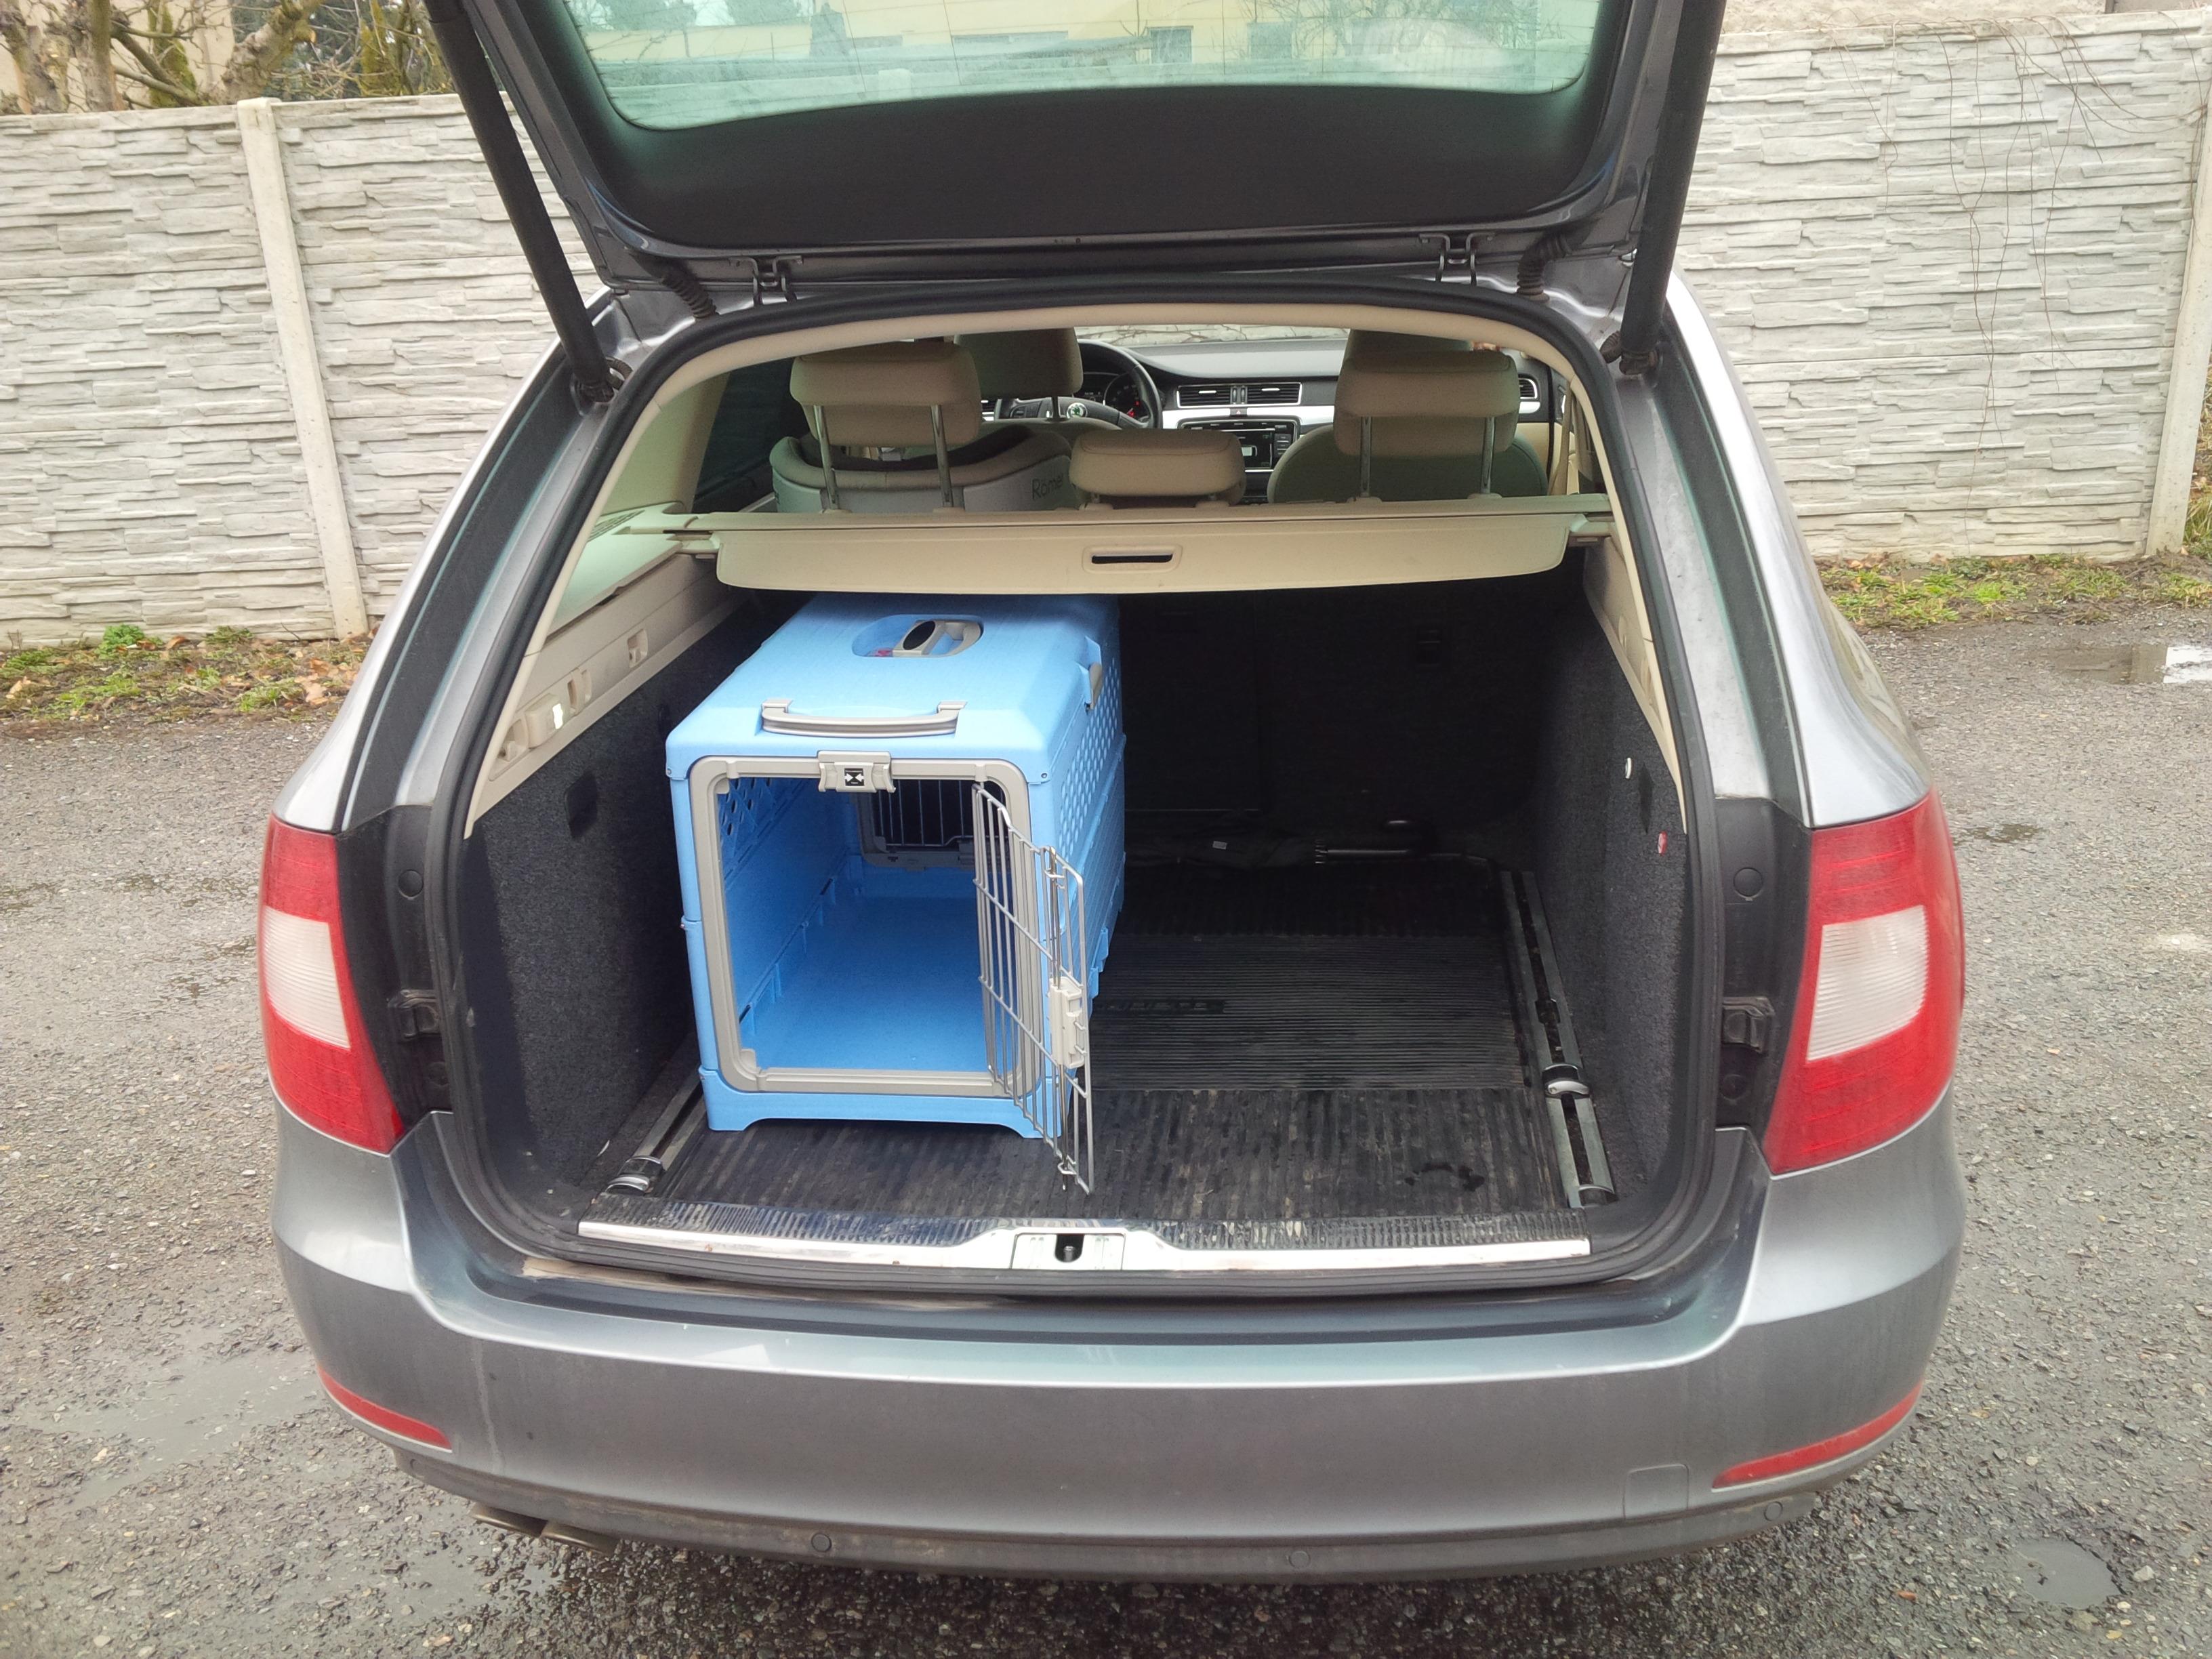 Skládací přepravka pro transport psa vhodná i do auta